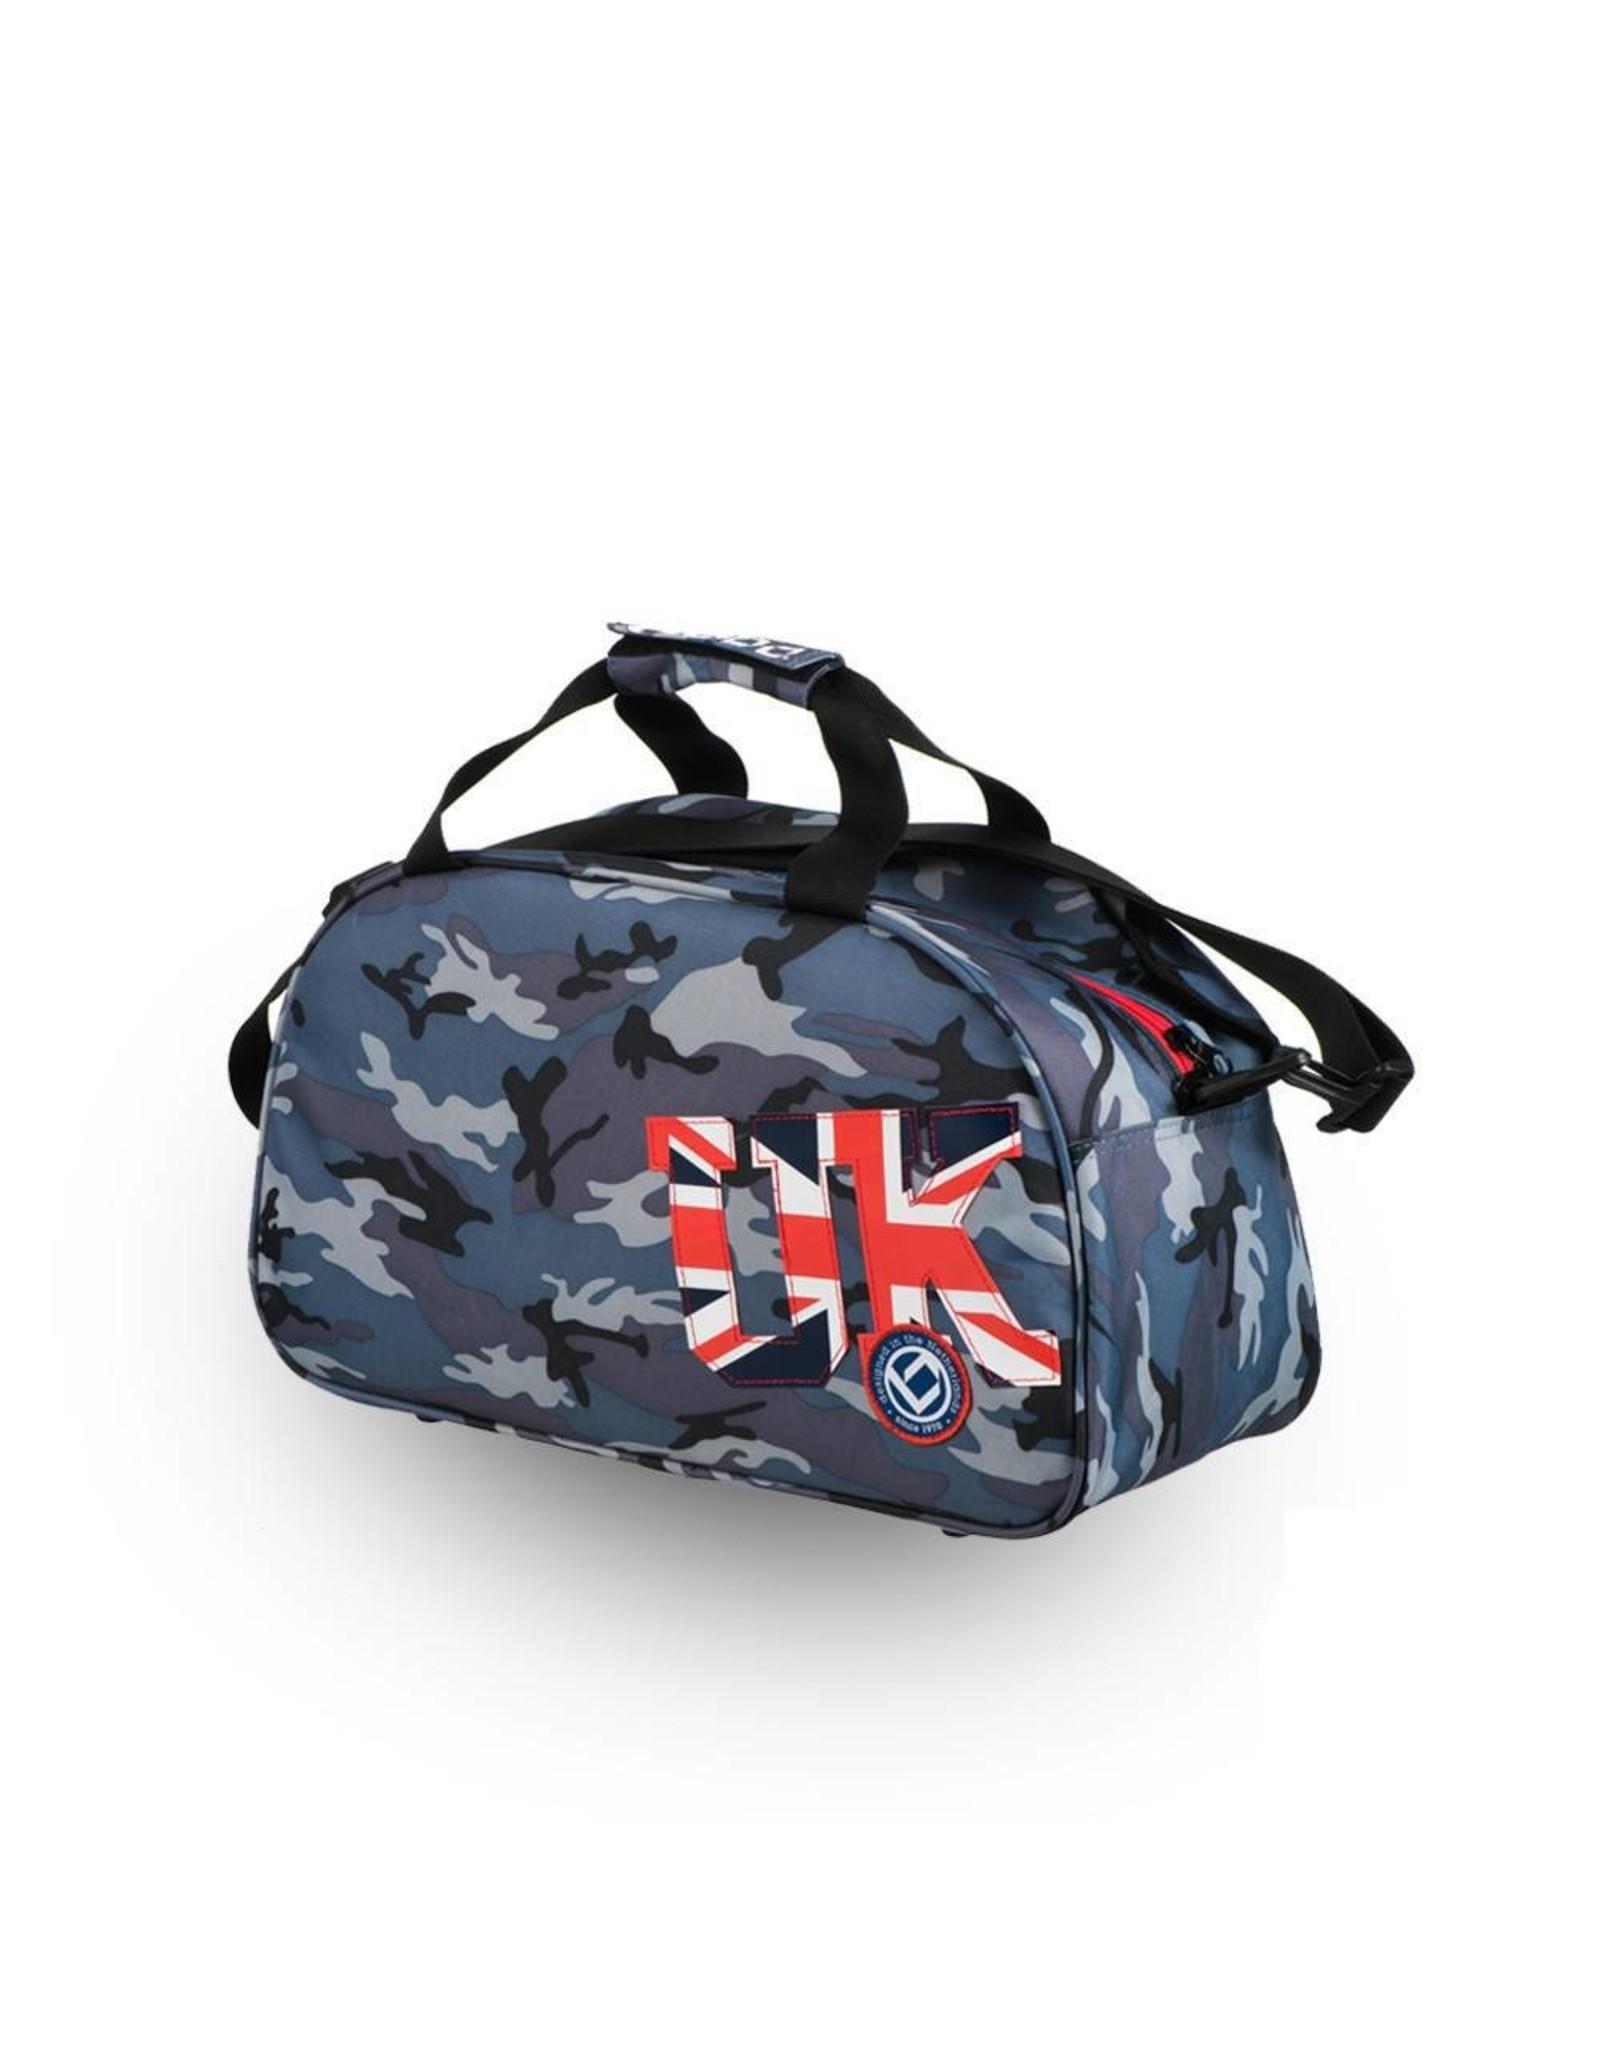 Brabo Shoulderbag Camo UK